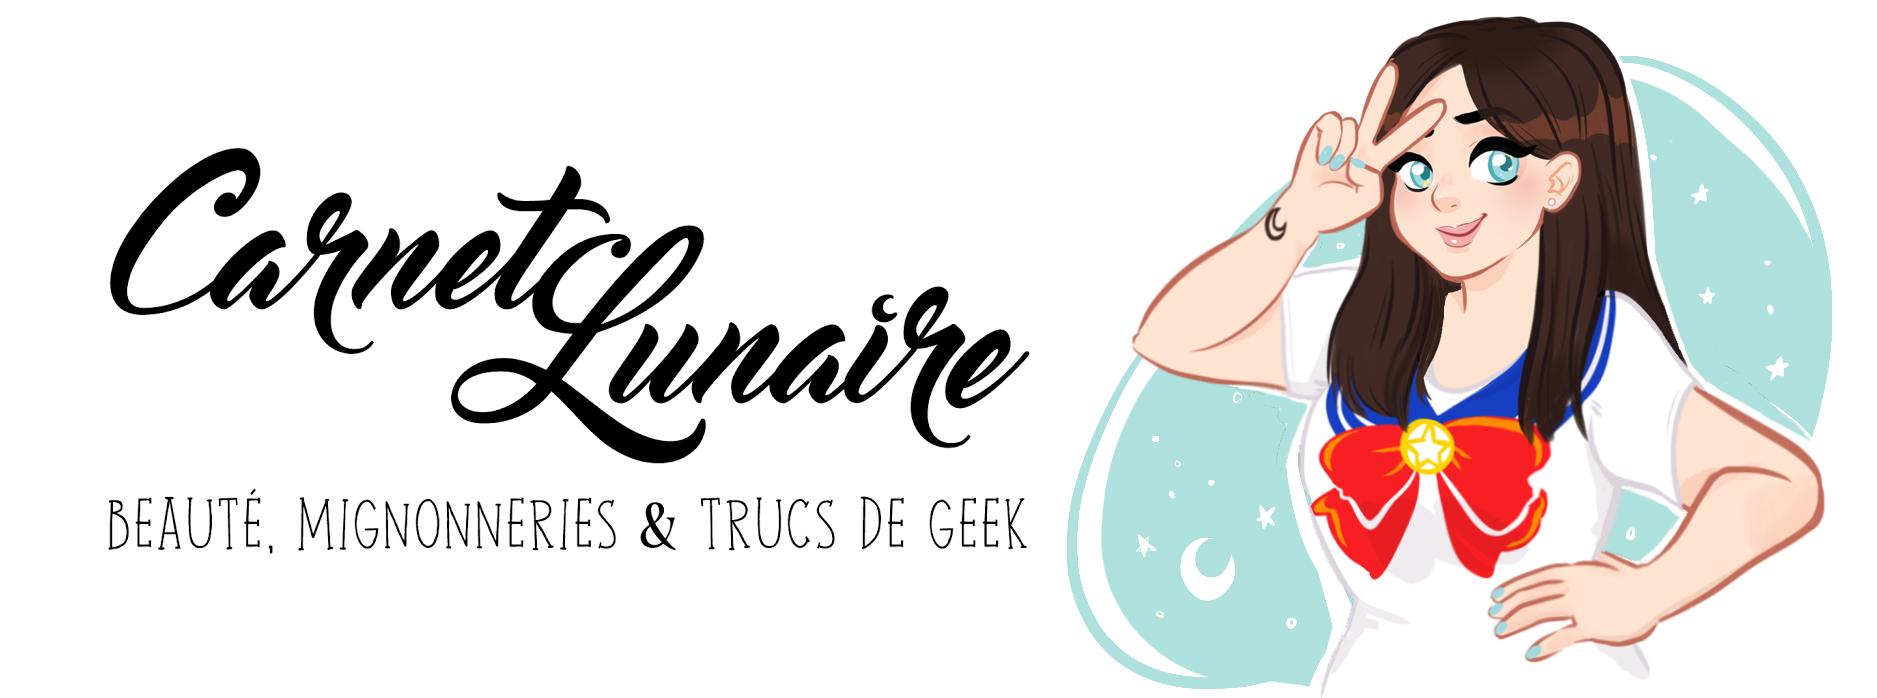 carnet lunaire – beauté, mignonneries & trucs de geek